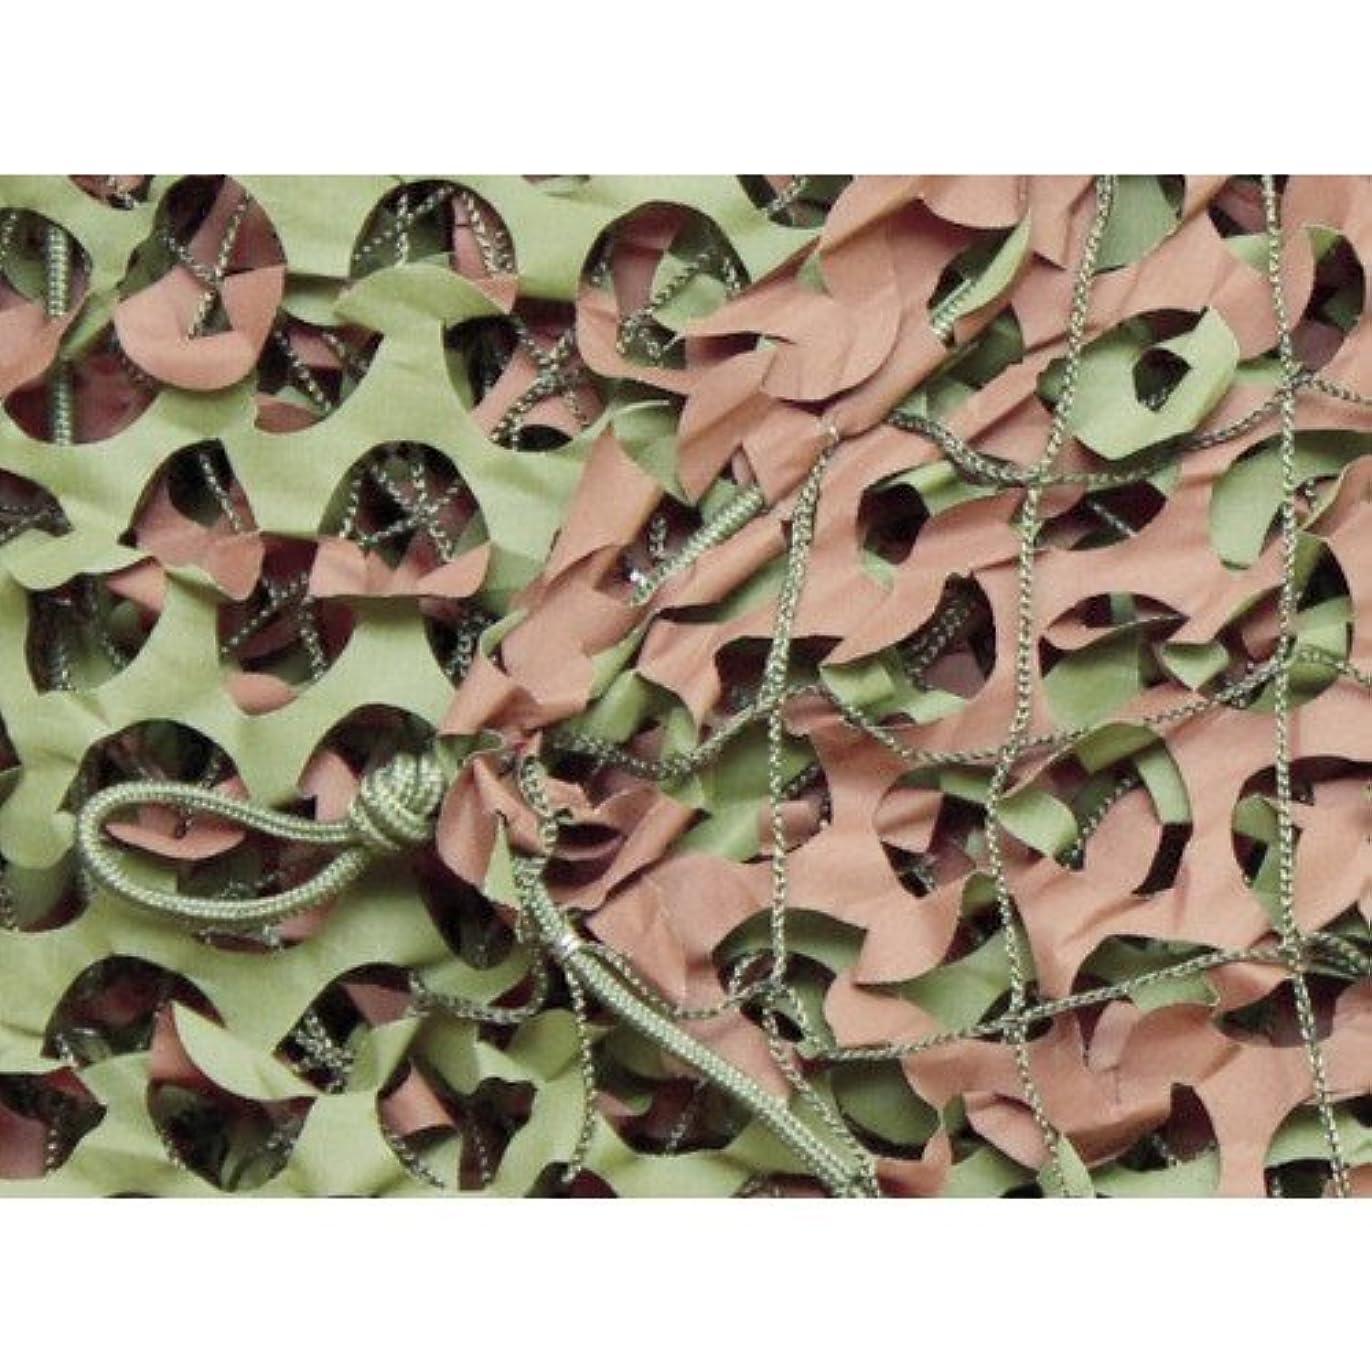 アラーム援助木製トラスコ中山 CAMO ベーシック レギュラーXミリタリー グリーン&ブラウン 1.8mX3m WM12